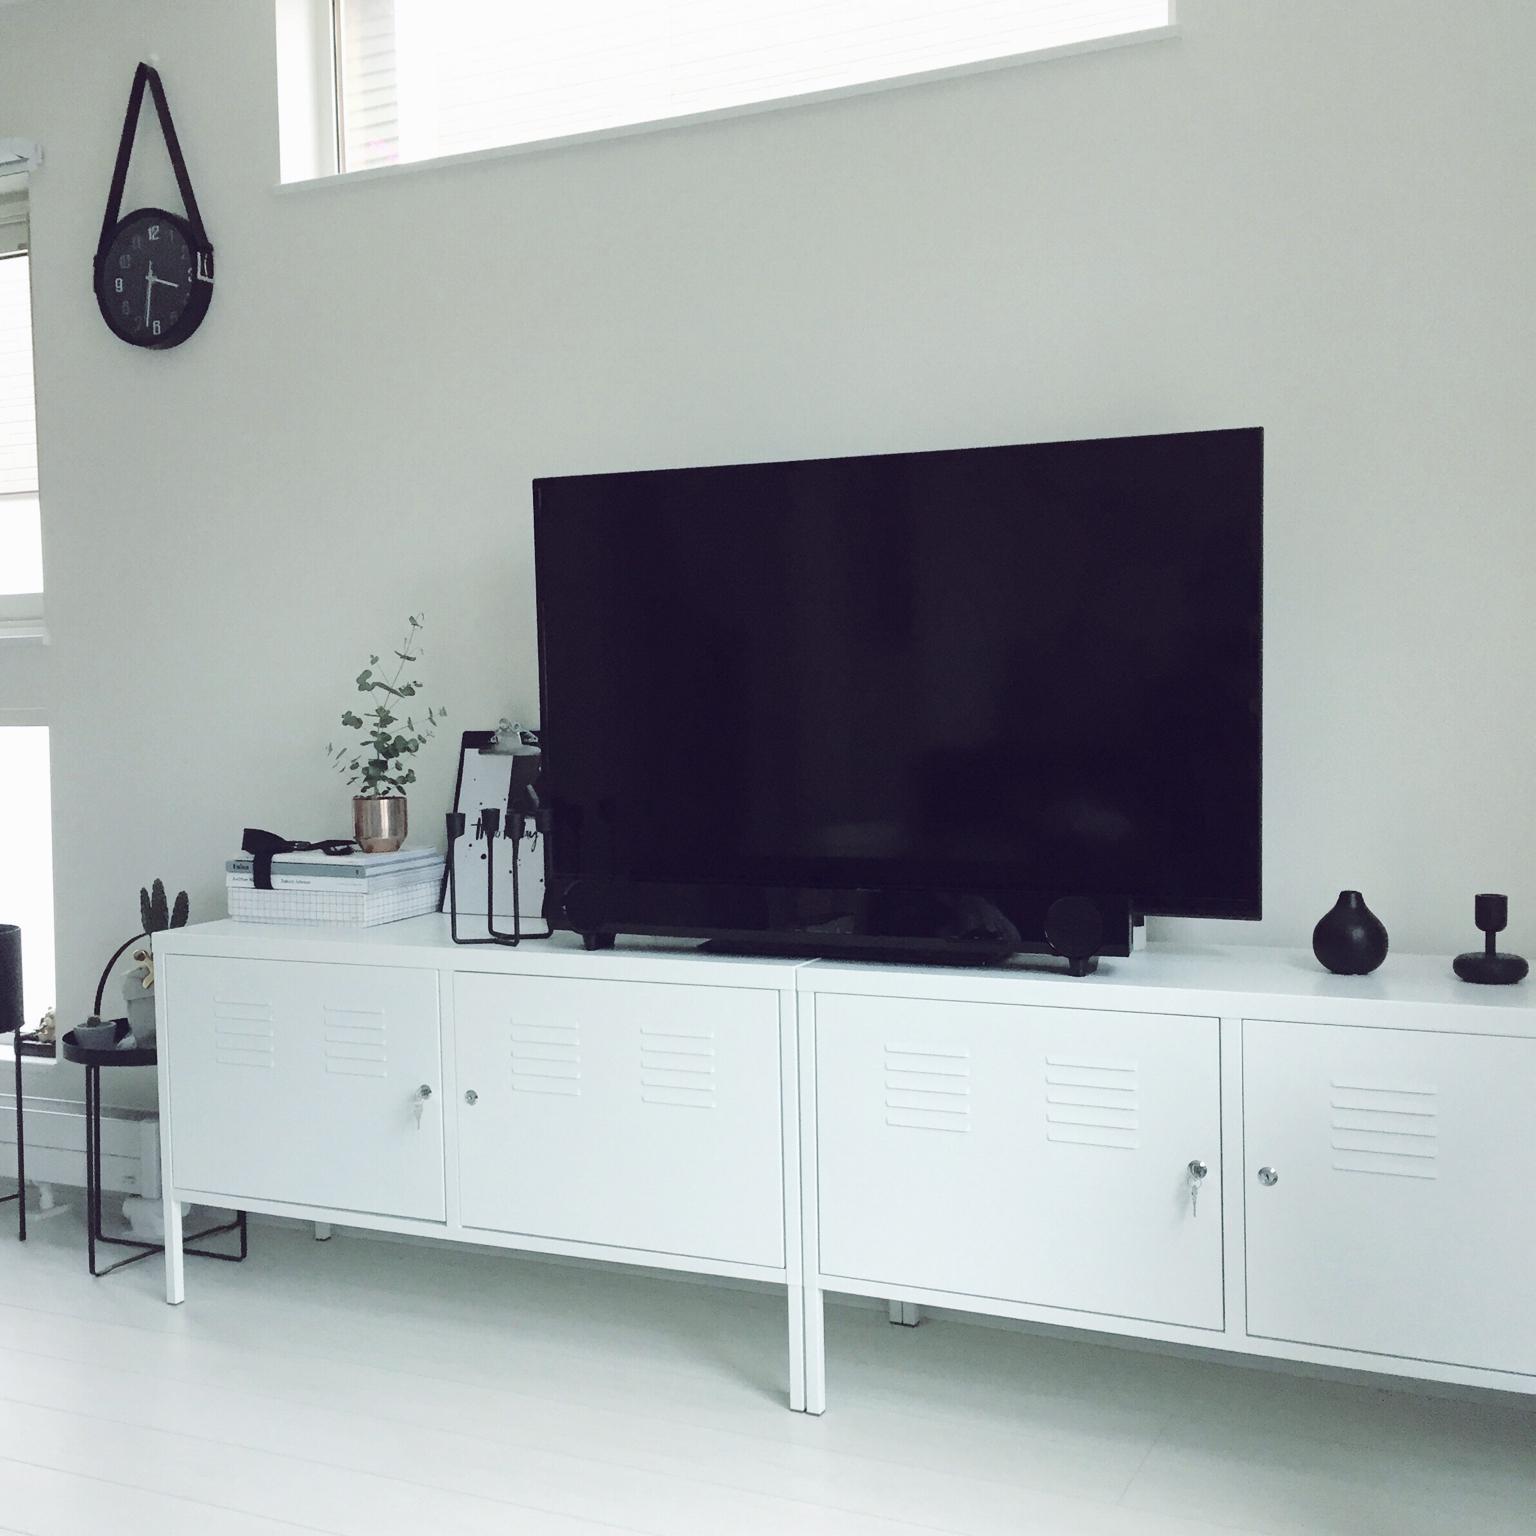 やっぱり白が好き!IKEAの白い家具の魅力に迫る